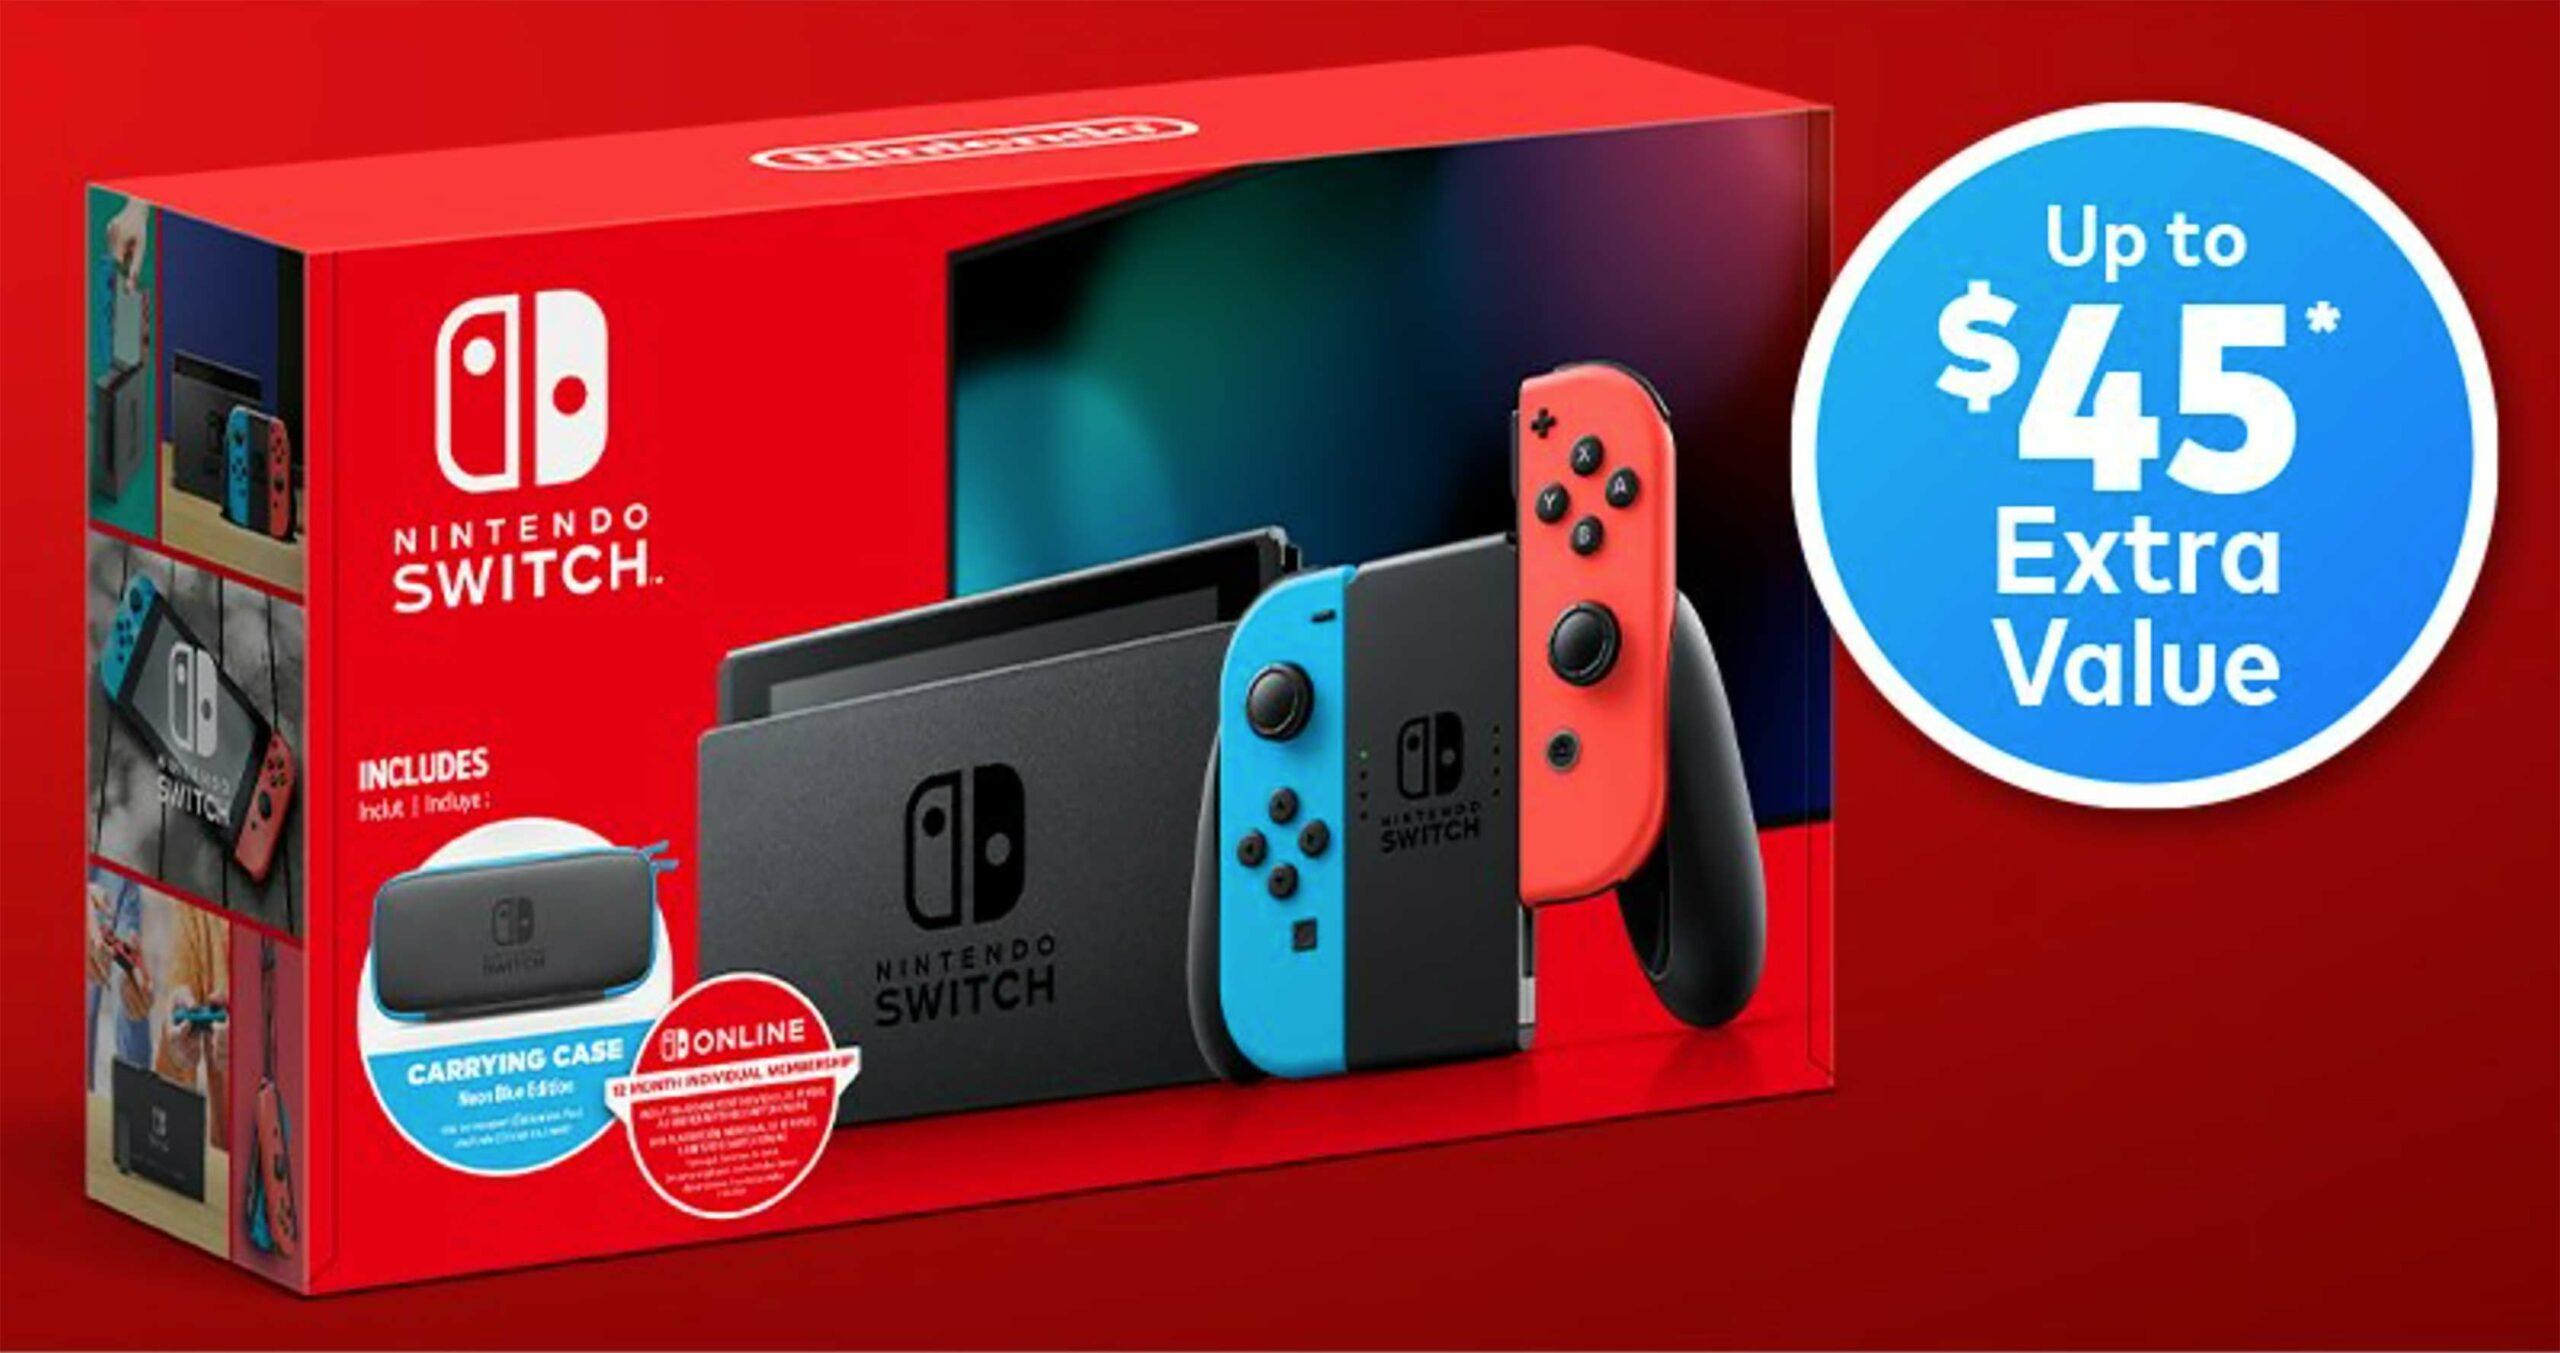 Nintendo Switch Walmart bundle